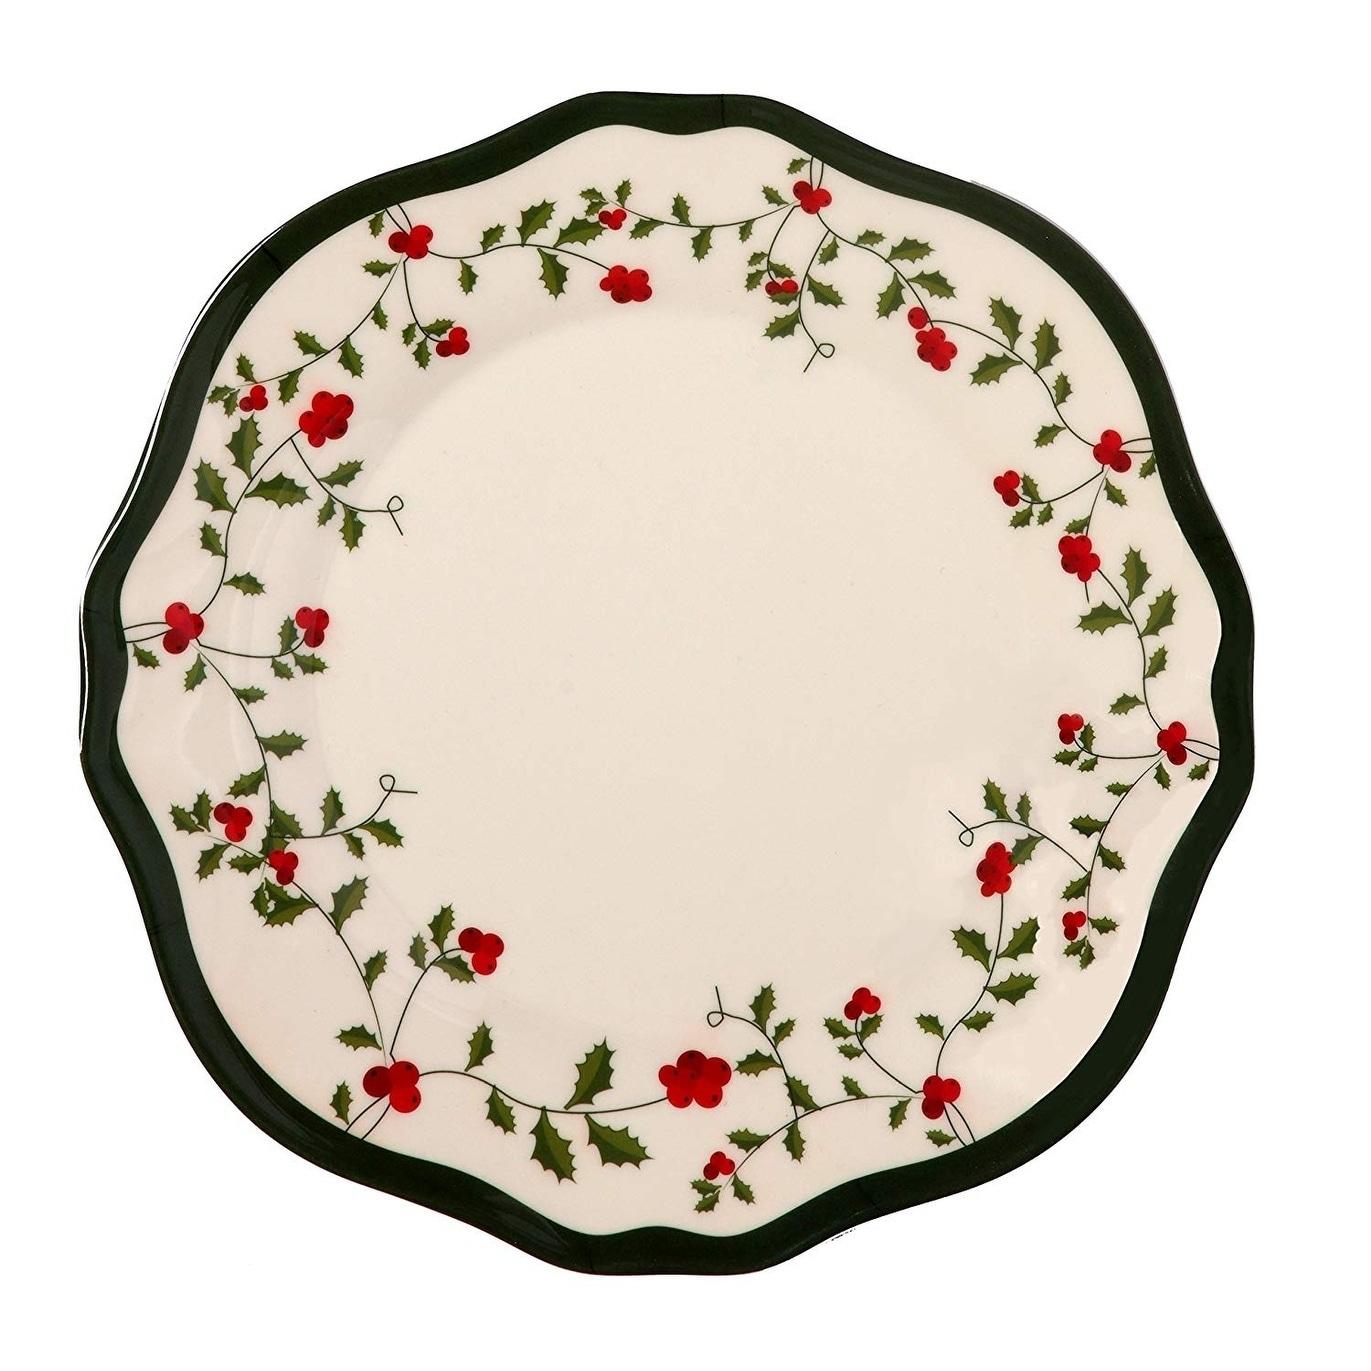 Melange 6 Pcs Melamine Salad Plate Set Holiday Berry Collection Shatter Proof Melamine Salad Plates Overstock 30375996